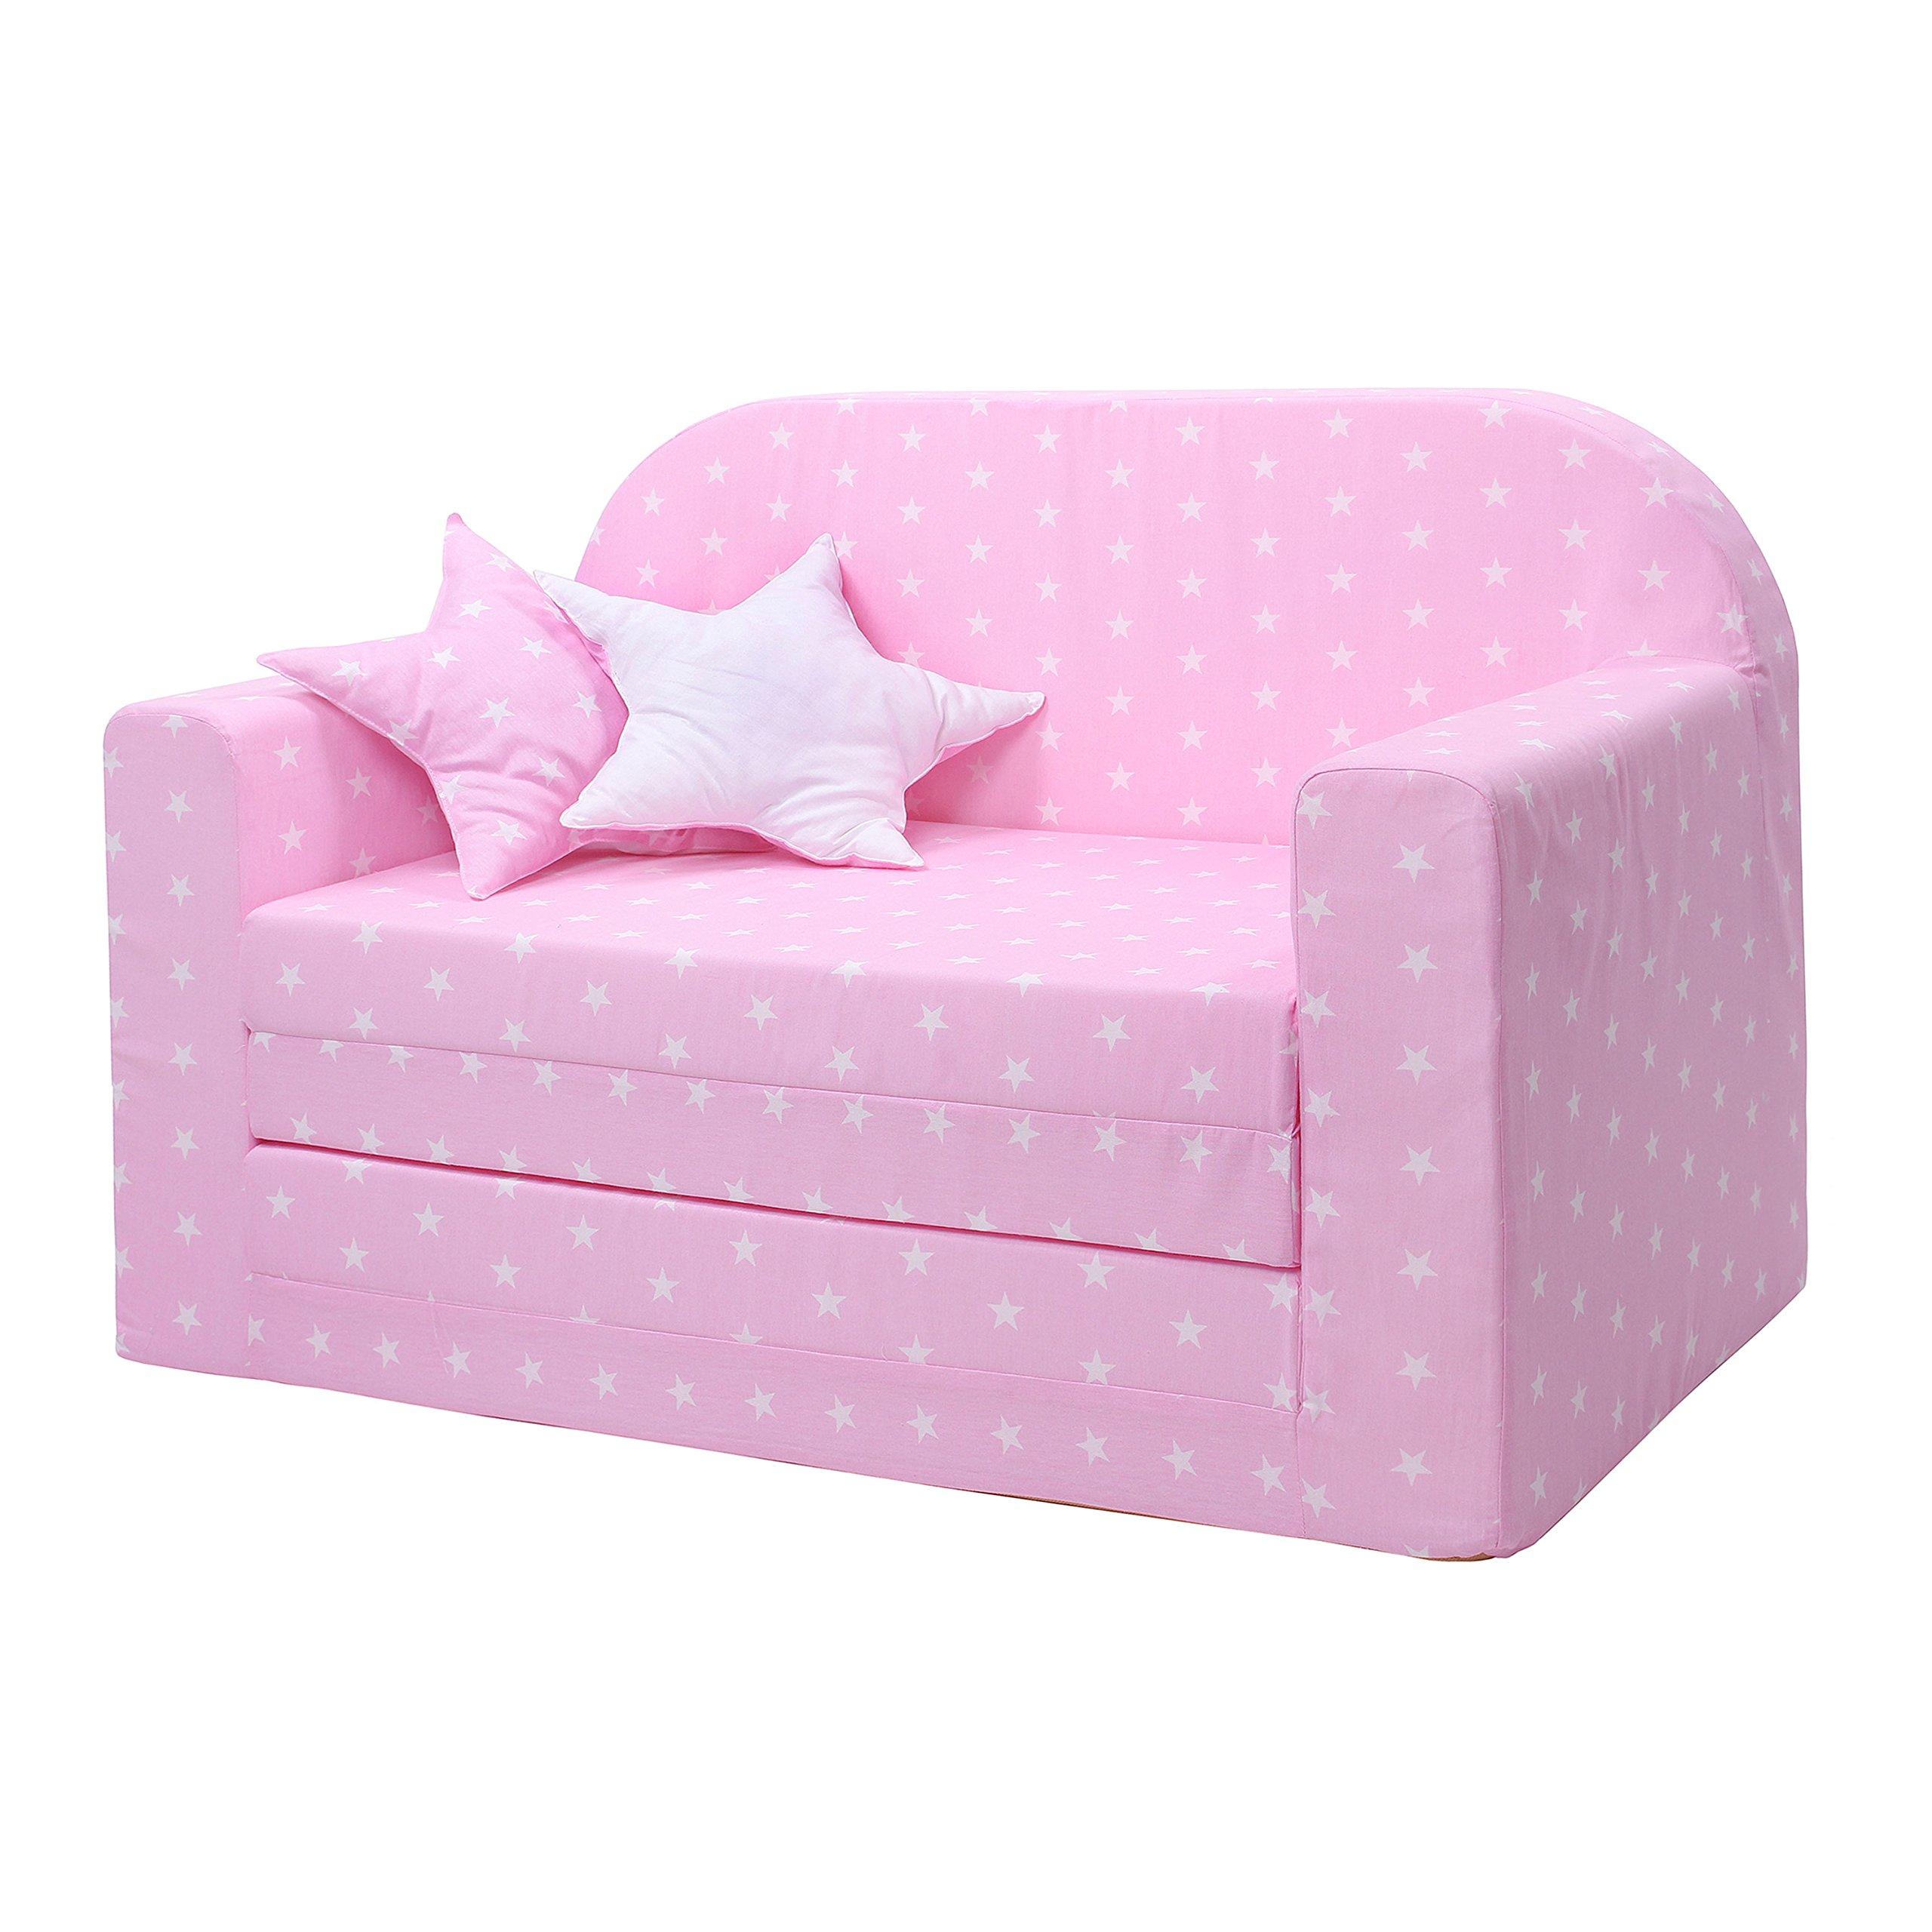 LULANDO Divano Letto Estraibile per Bambini Certificato Oeko-Tex Standard 100, Due Cuscini Decorativi product image